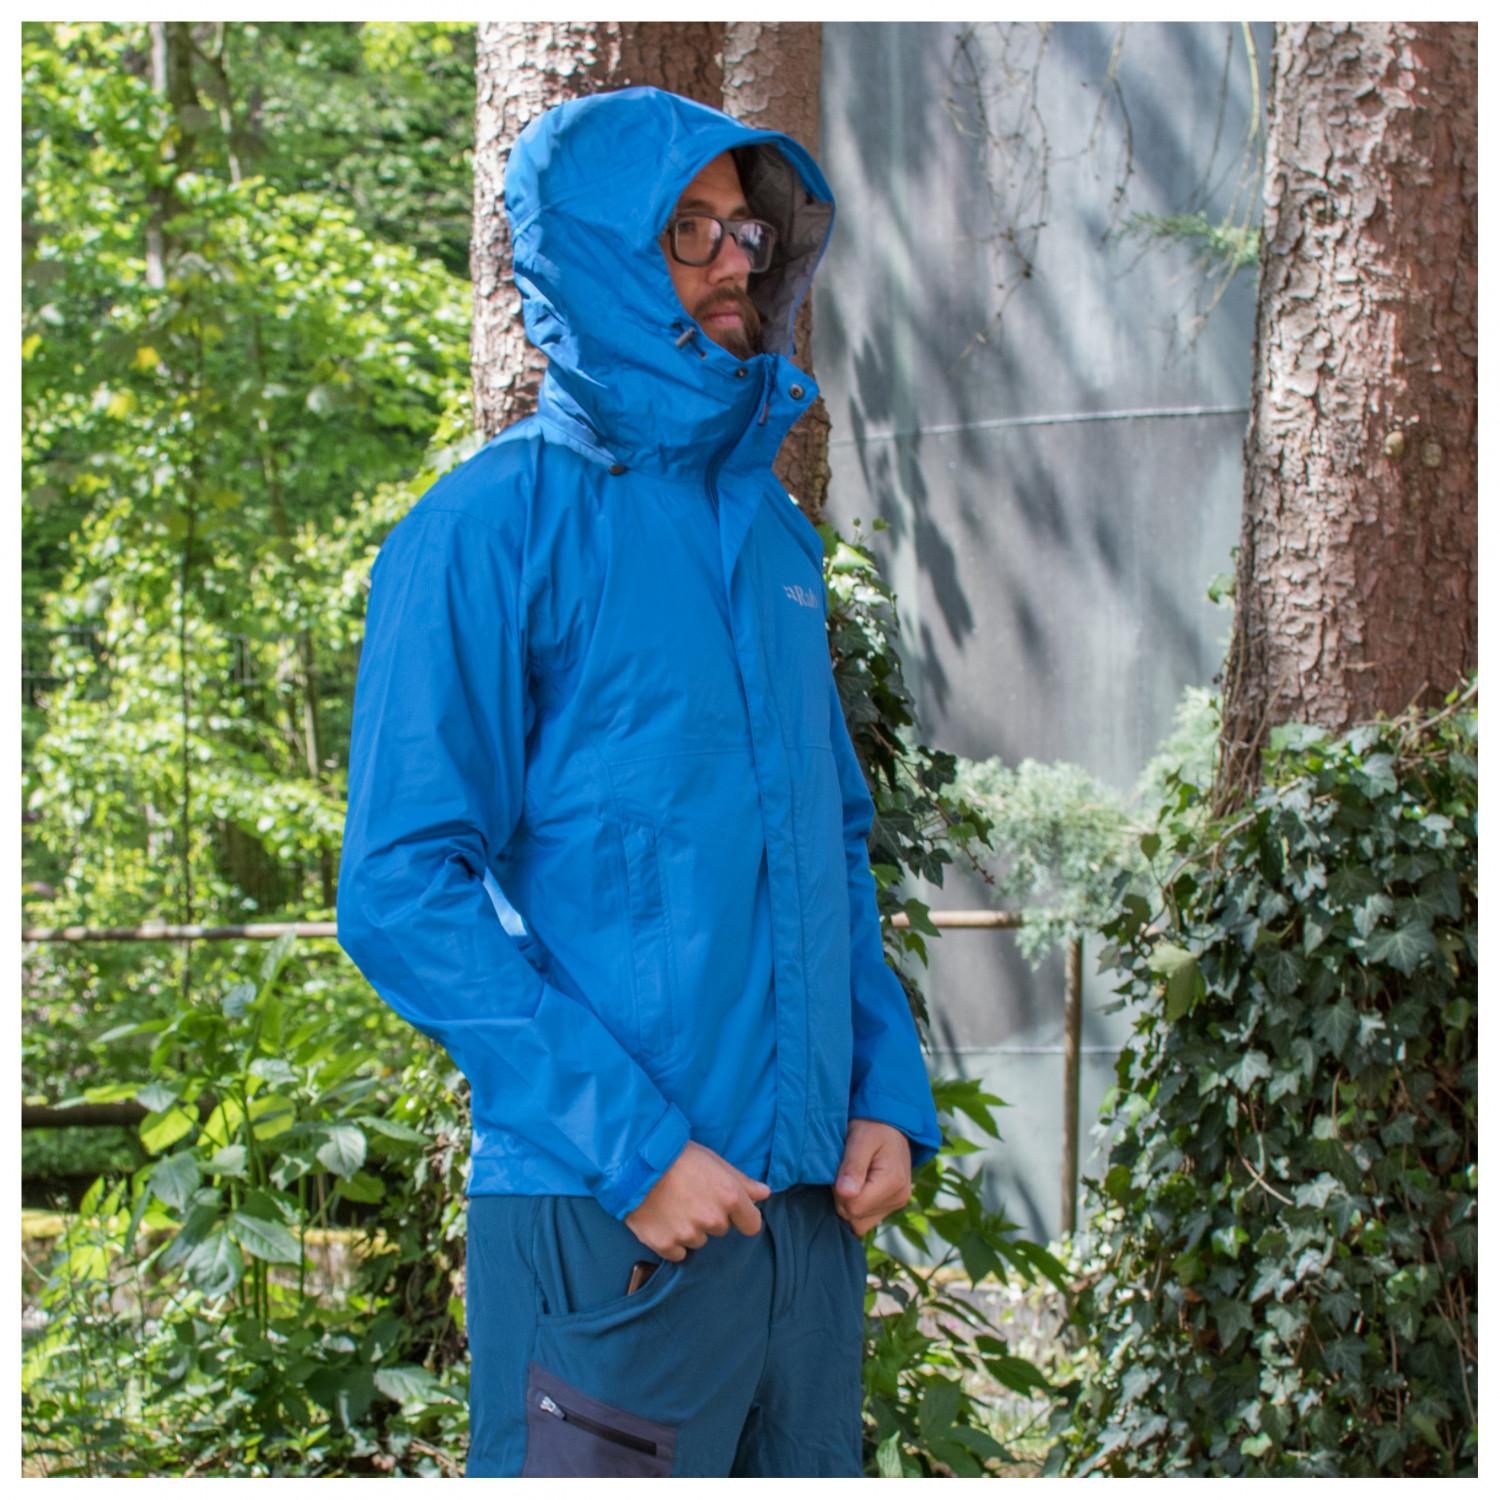 Rab Downpour Jacket Hardshelljacke